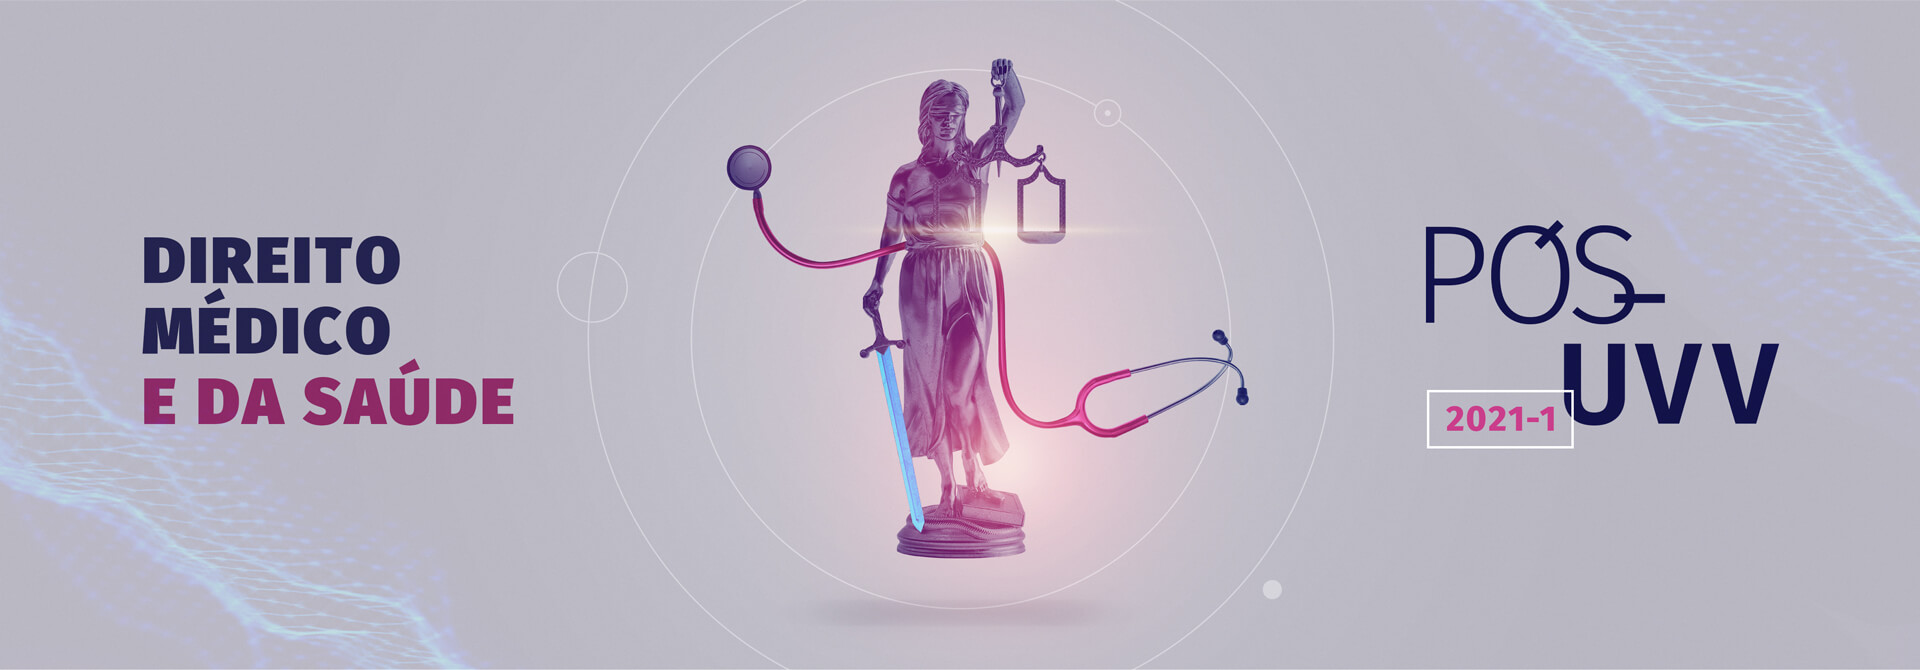 Faça Pós-Graduação em Direito Médico e da Saúde